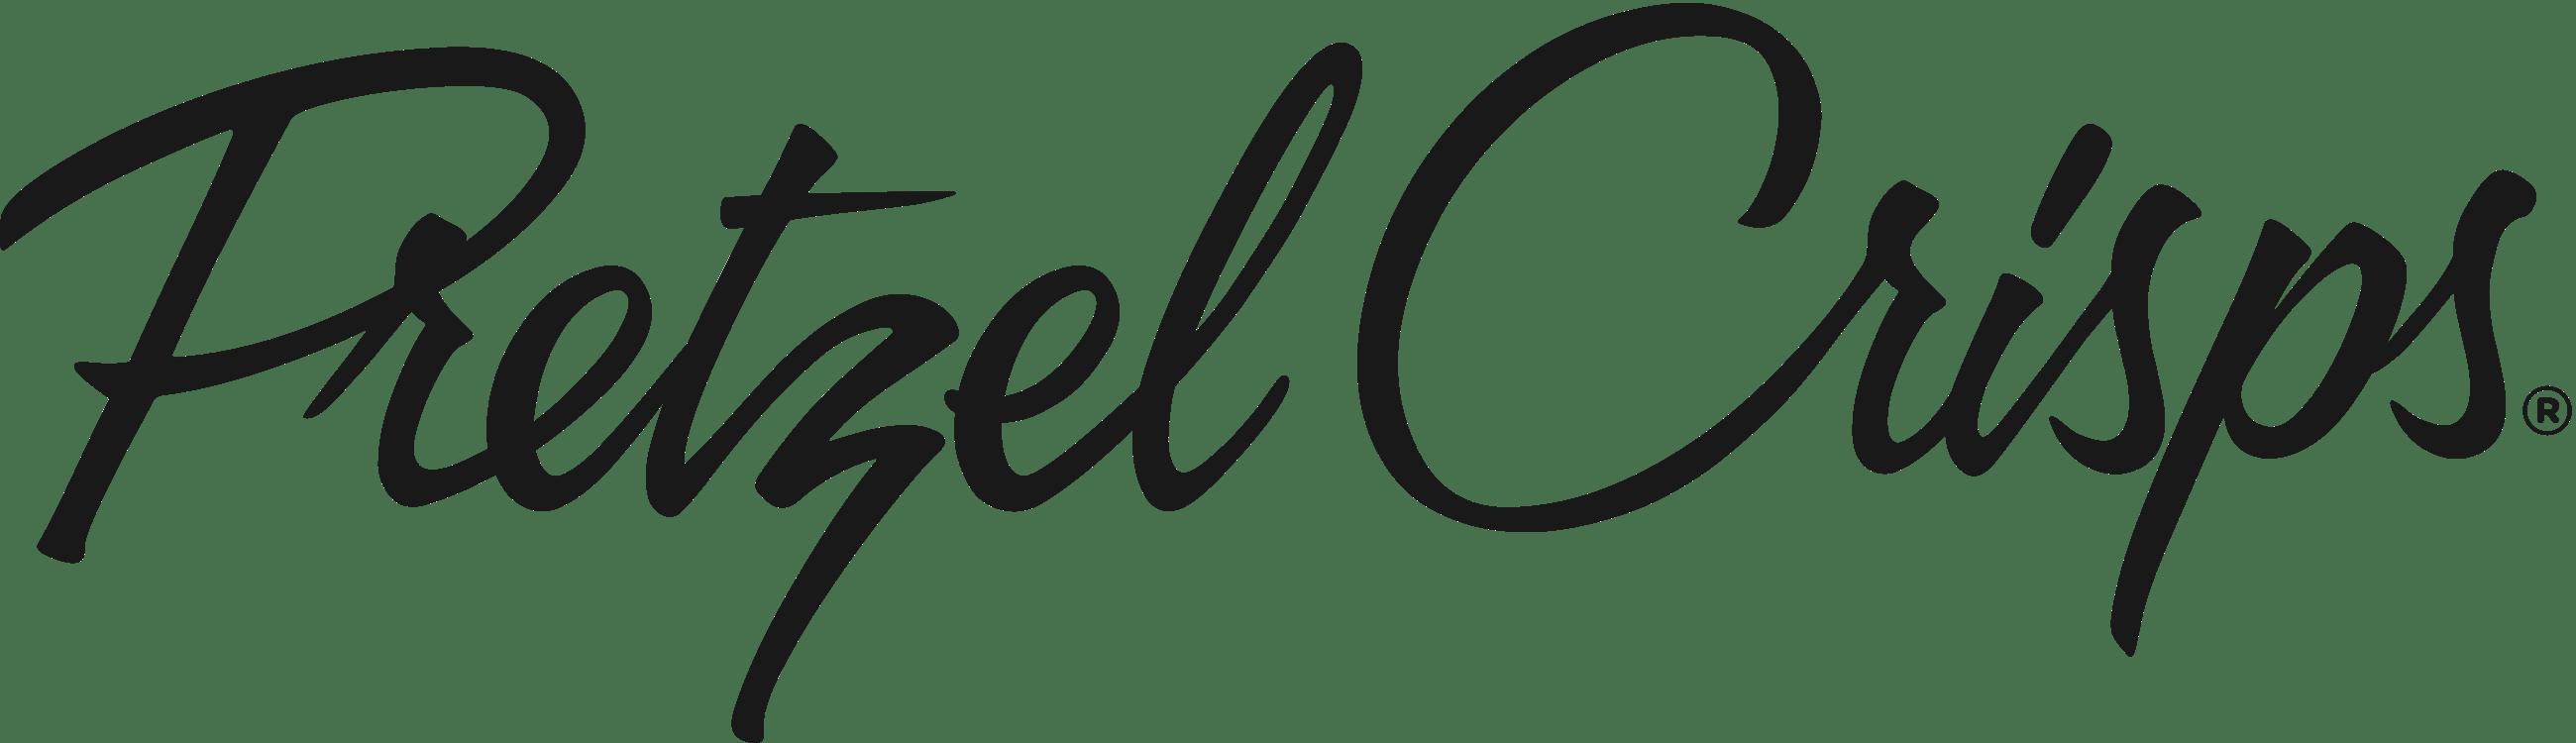 PretzelCrisps Logo